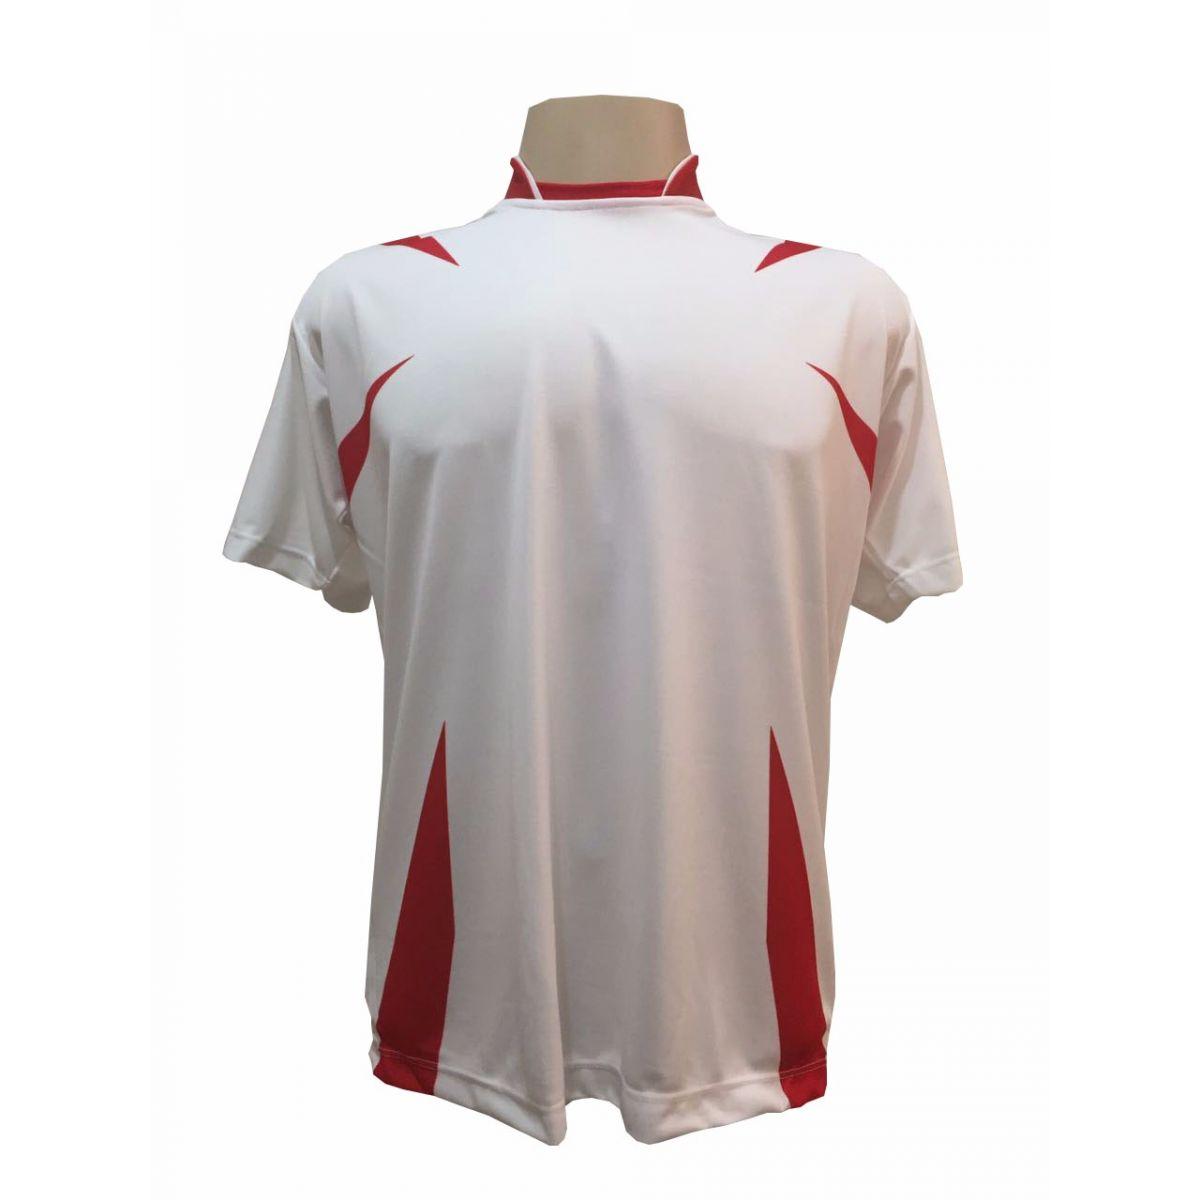 Uniforme Esportivo com 14 camisas modelo Palermo Branco/Vermelho + 14 calções modelo Madrid Branco + Brindes